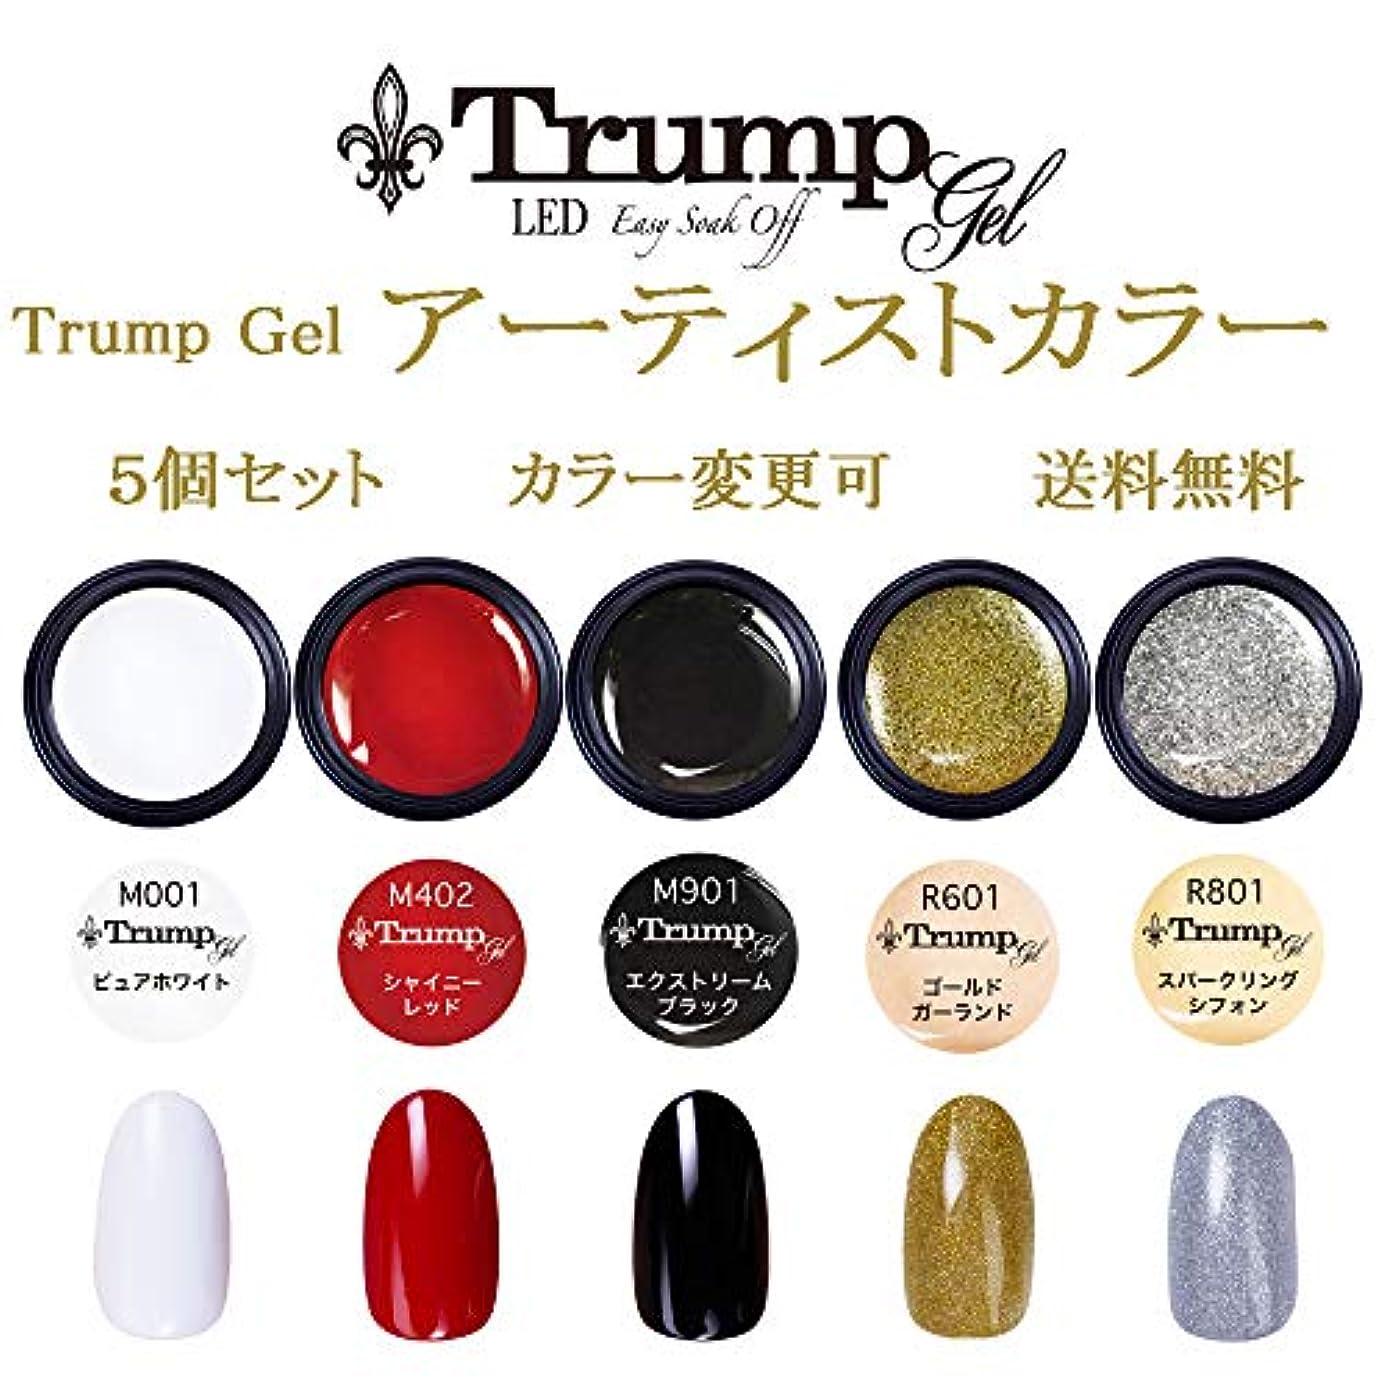 ガレージカロリー旅客【送料無料】Trumpアーティストカラー選べる カラージェル5個セット